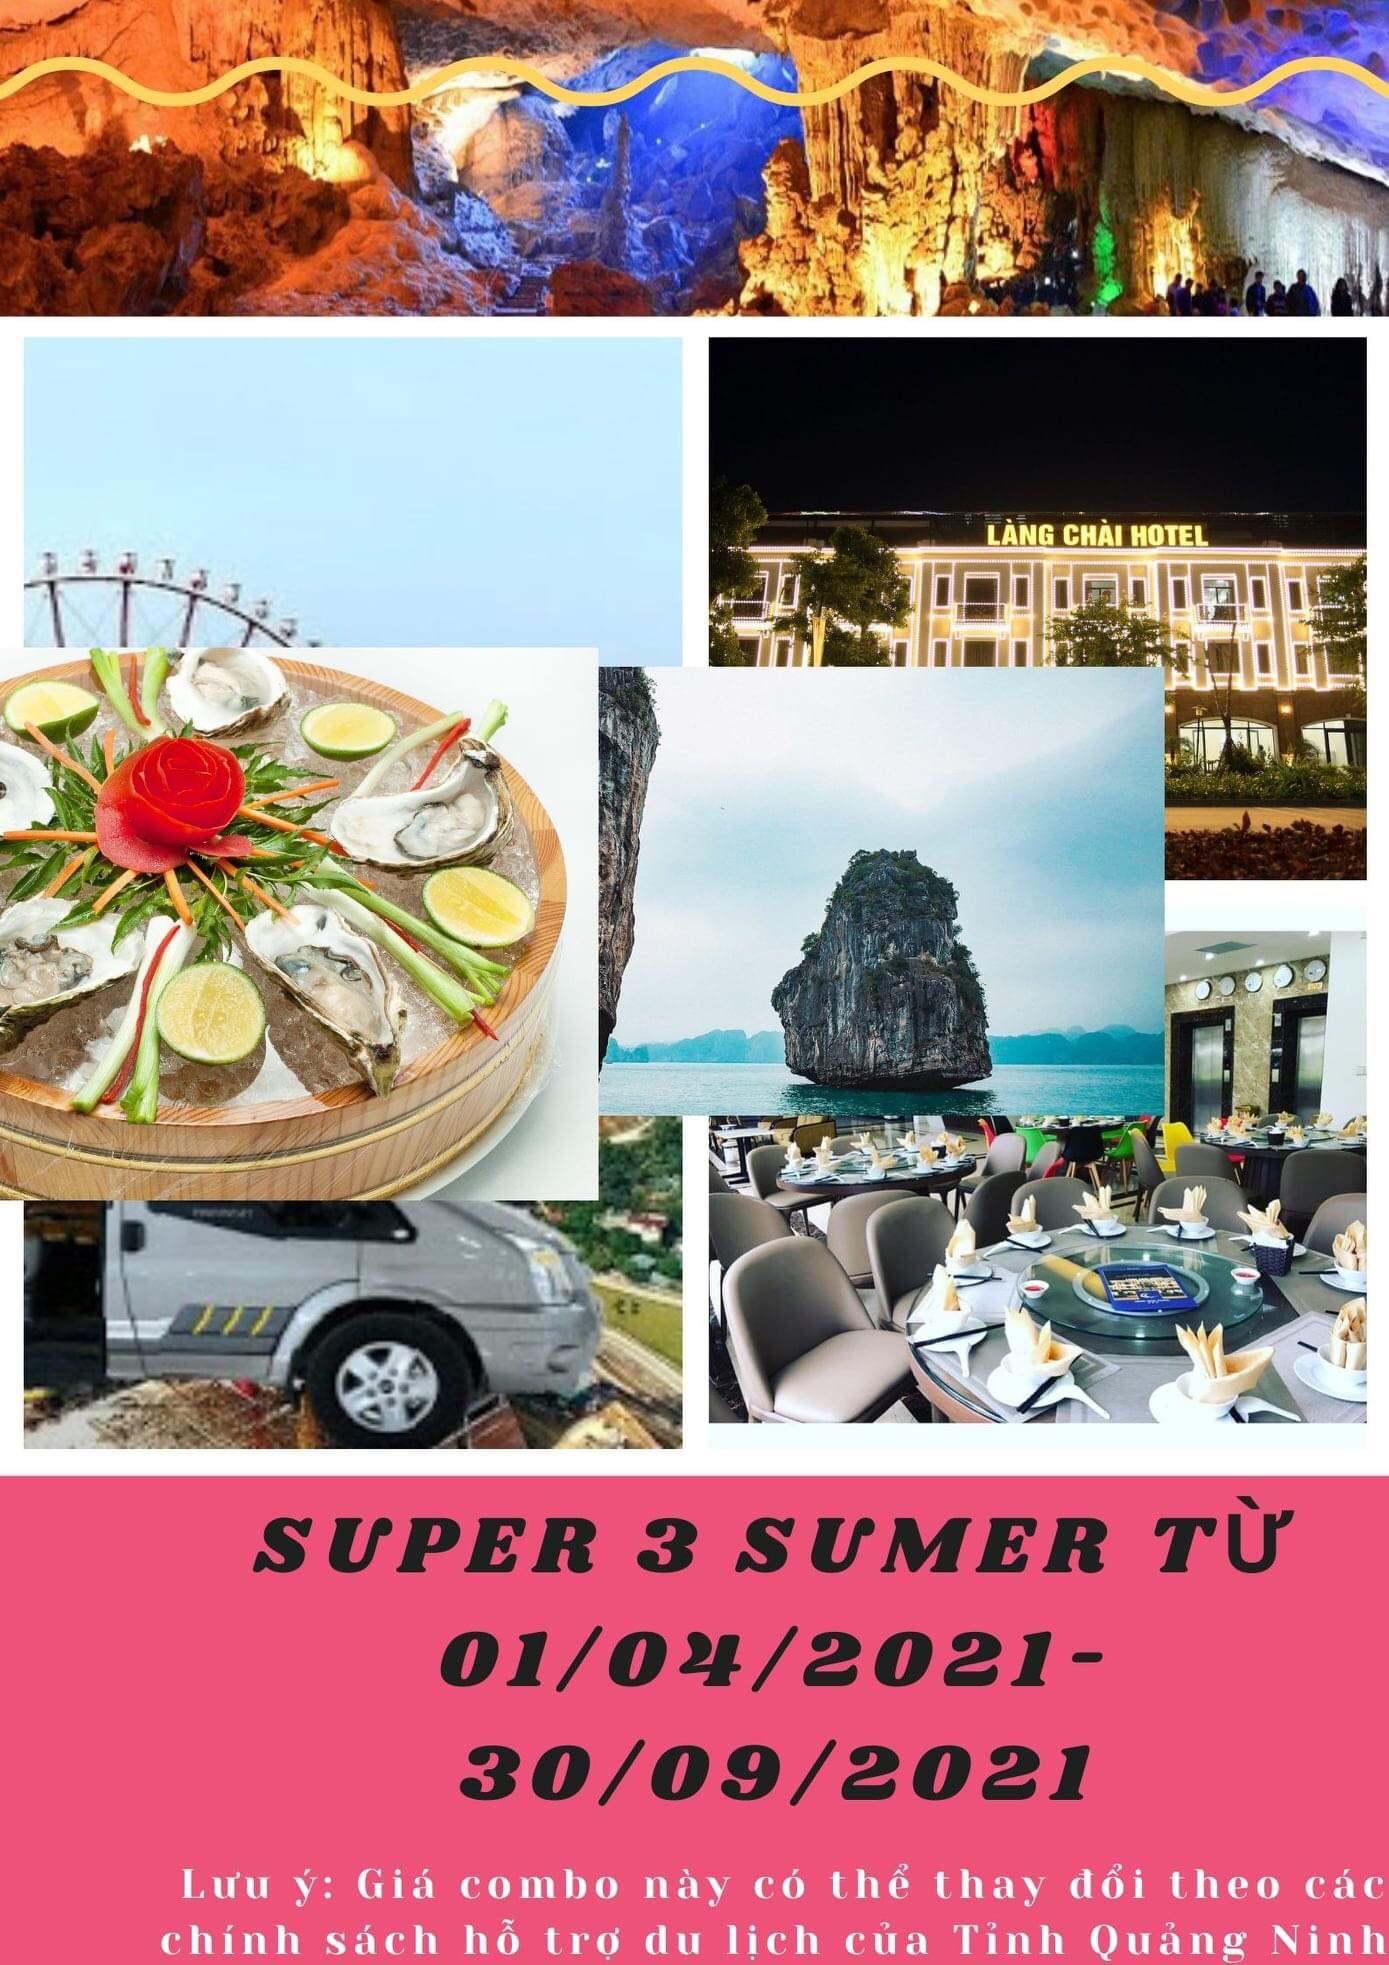 Combo SupperSummer3 (2N1Đ): Nghỉ 2 Ngày 1 Đêm tại khách sạn + 1 Bữa ăn chính tại khách sạn (trưa hoặc tối) + xe Limousine khứ hồi 2 chiều, Giá 849K/khách.